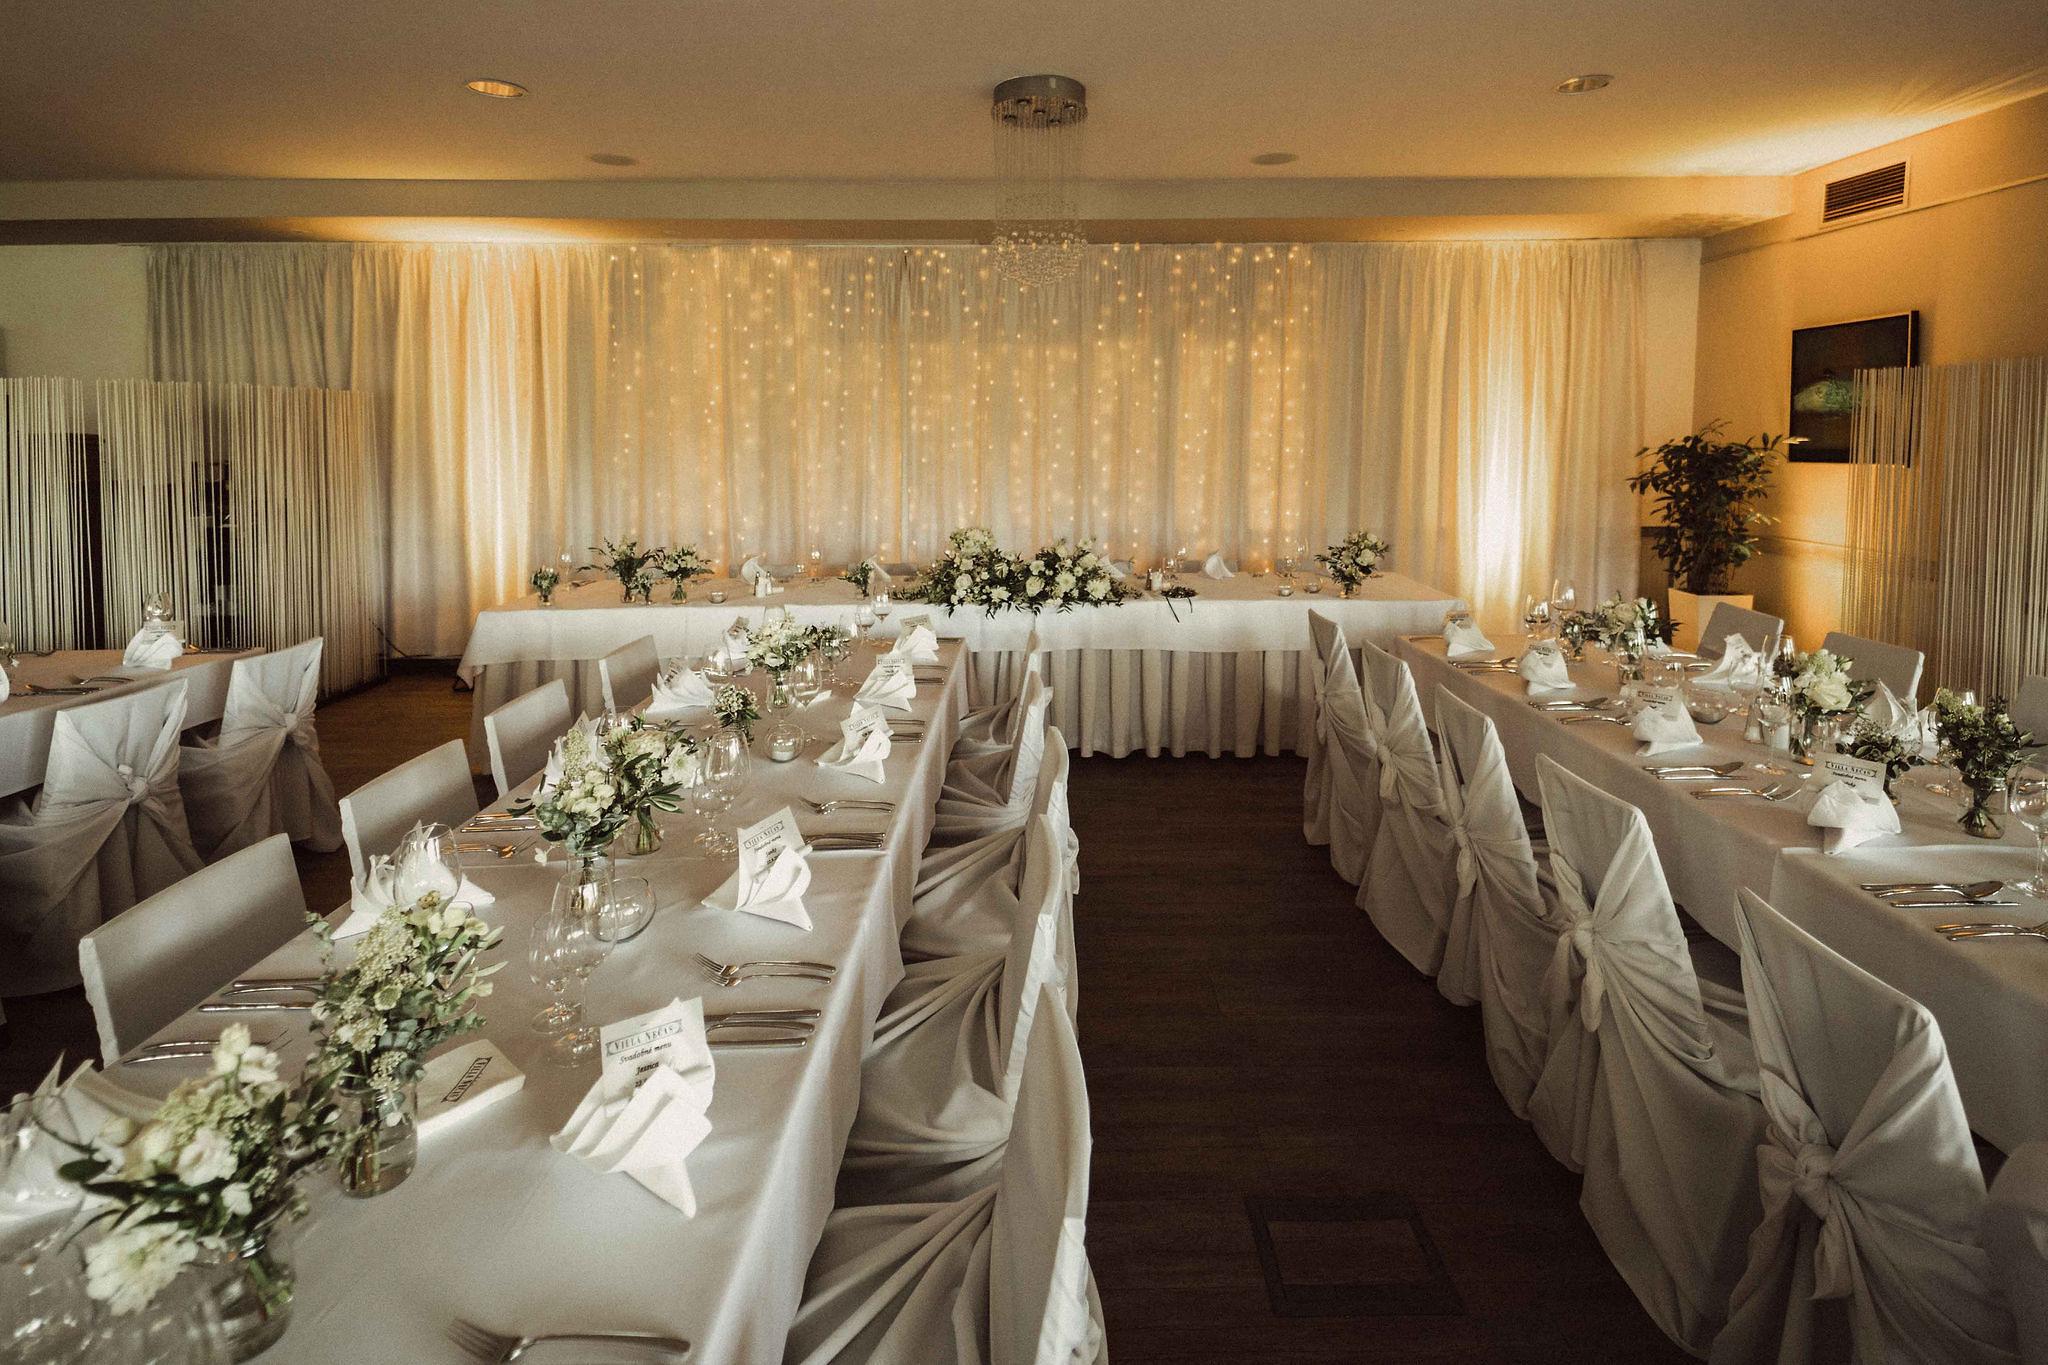 villa-necas-svadbajpg